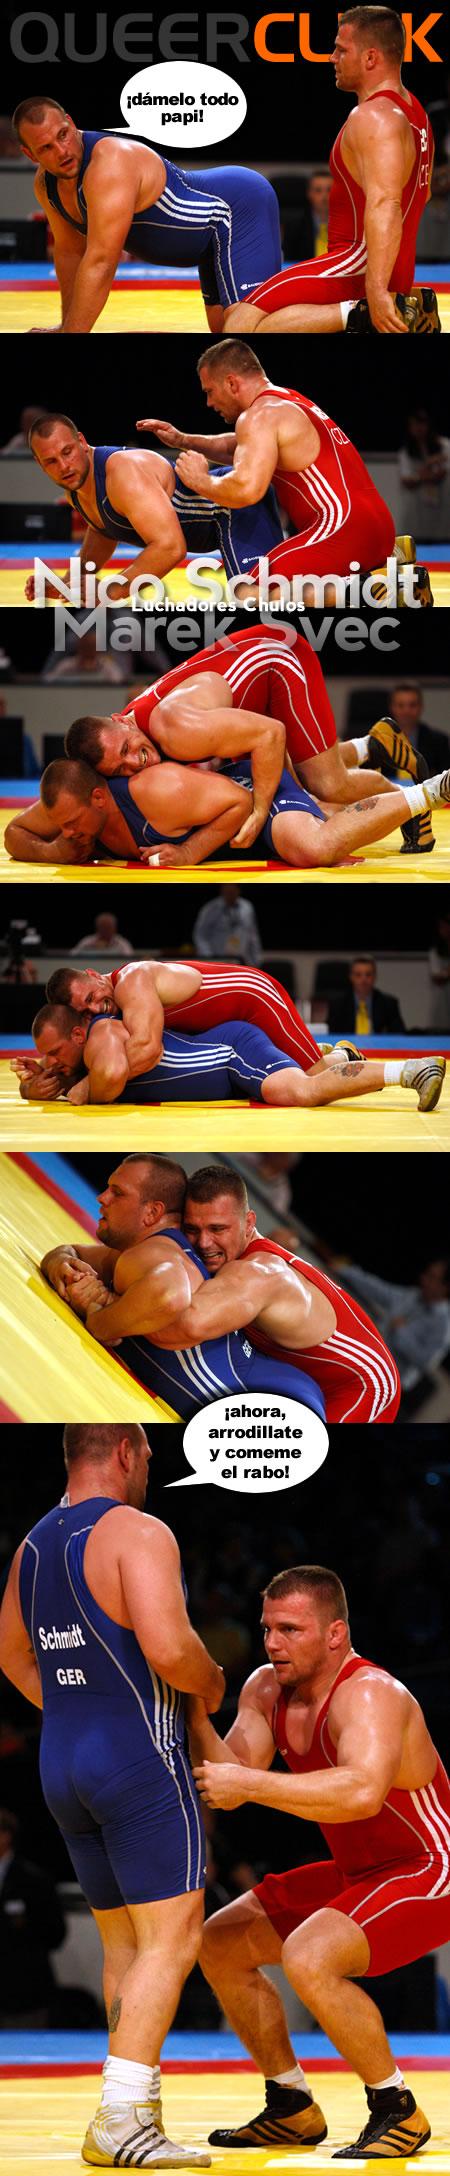 Luchadores Chulos: Nico Schmidt VS Marek Svec